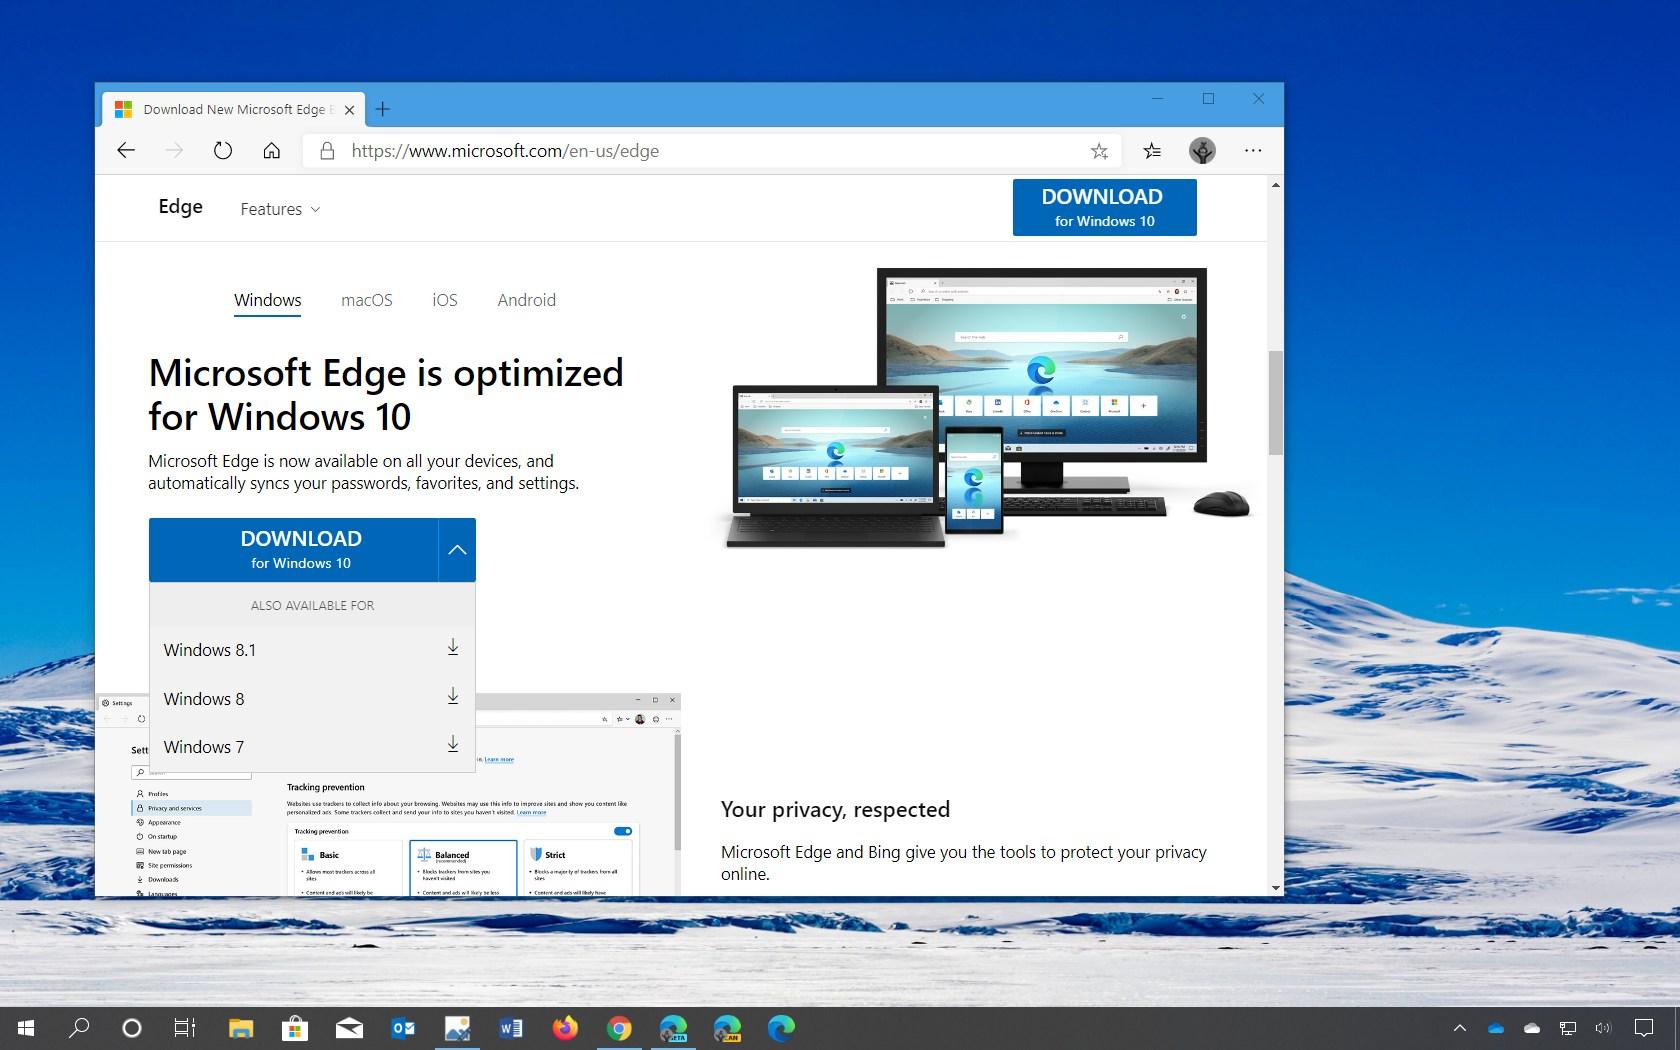 Microsoft Edge Chromium for Windows 7, 8, 8.1